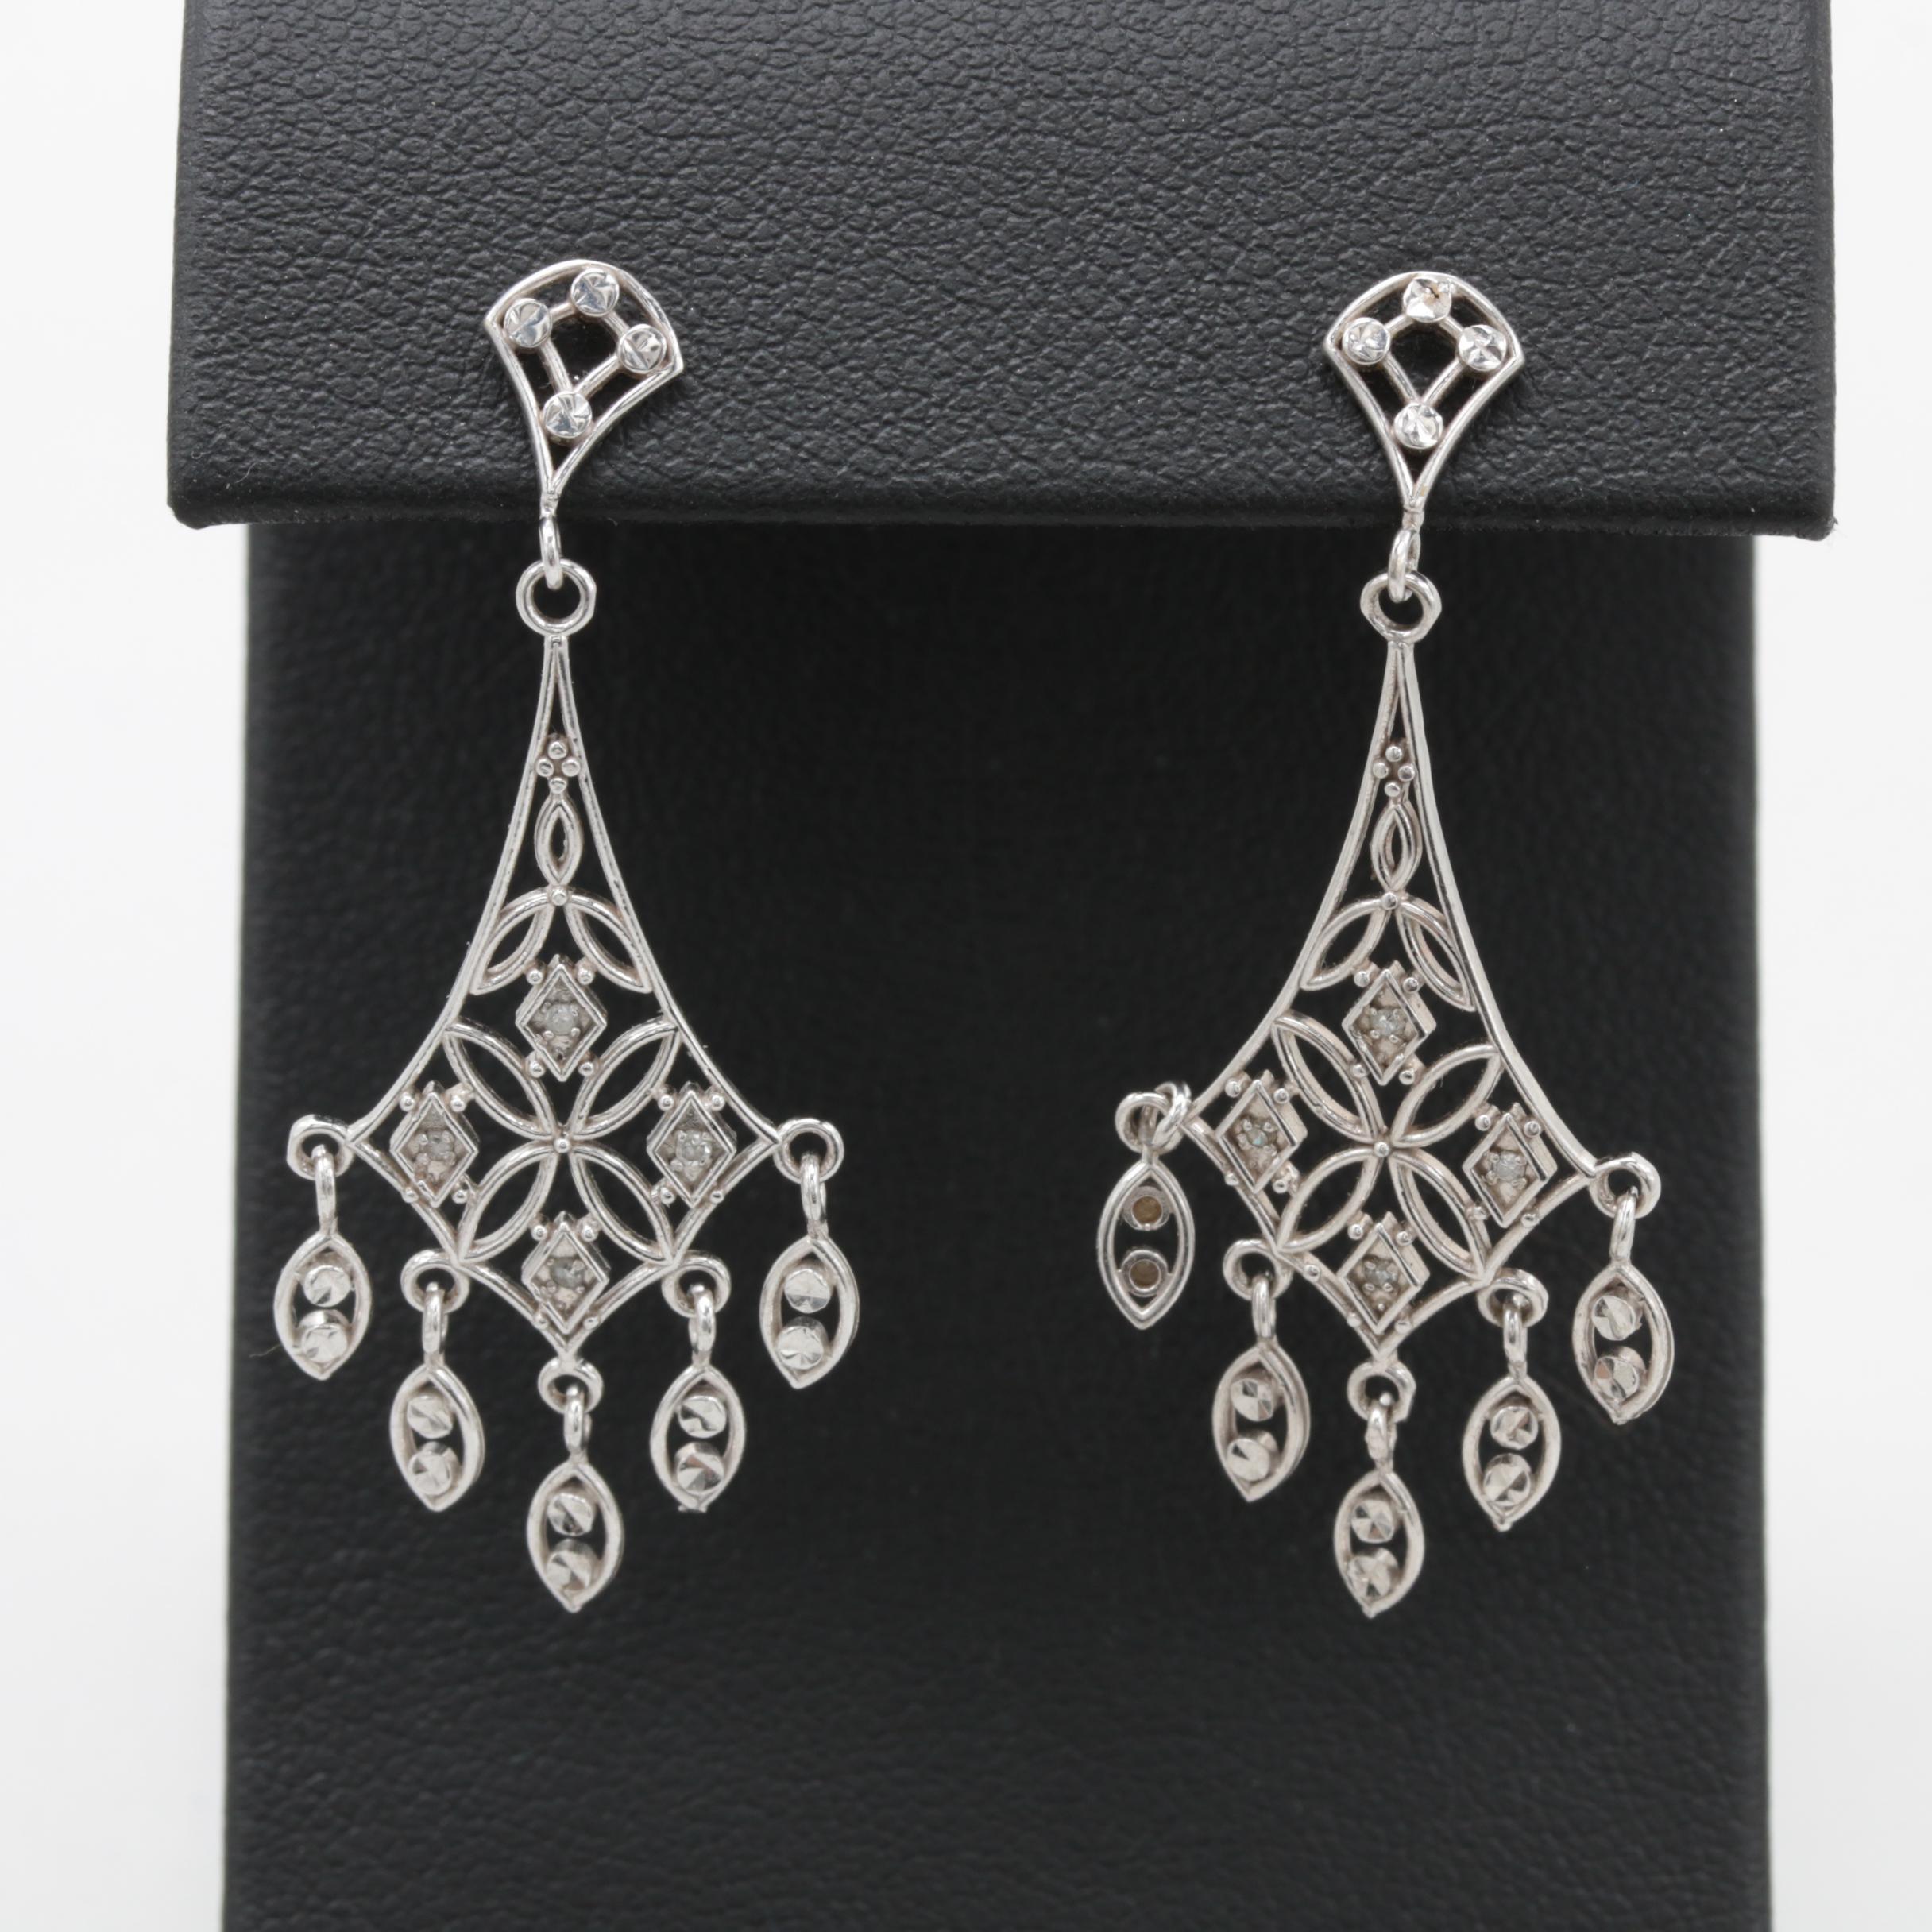 Michael Anthony 10K White Gold Diamond Earrings